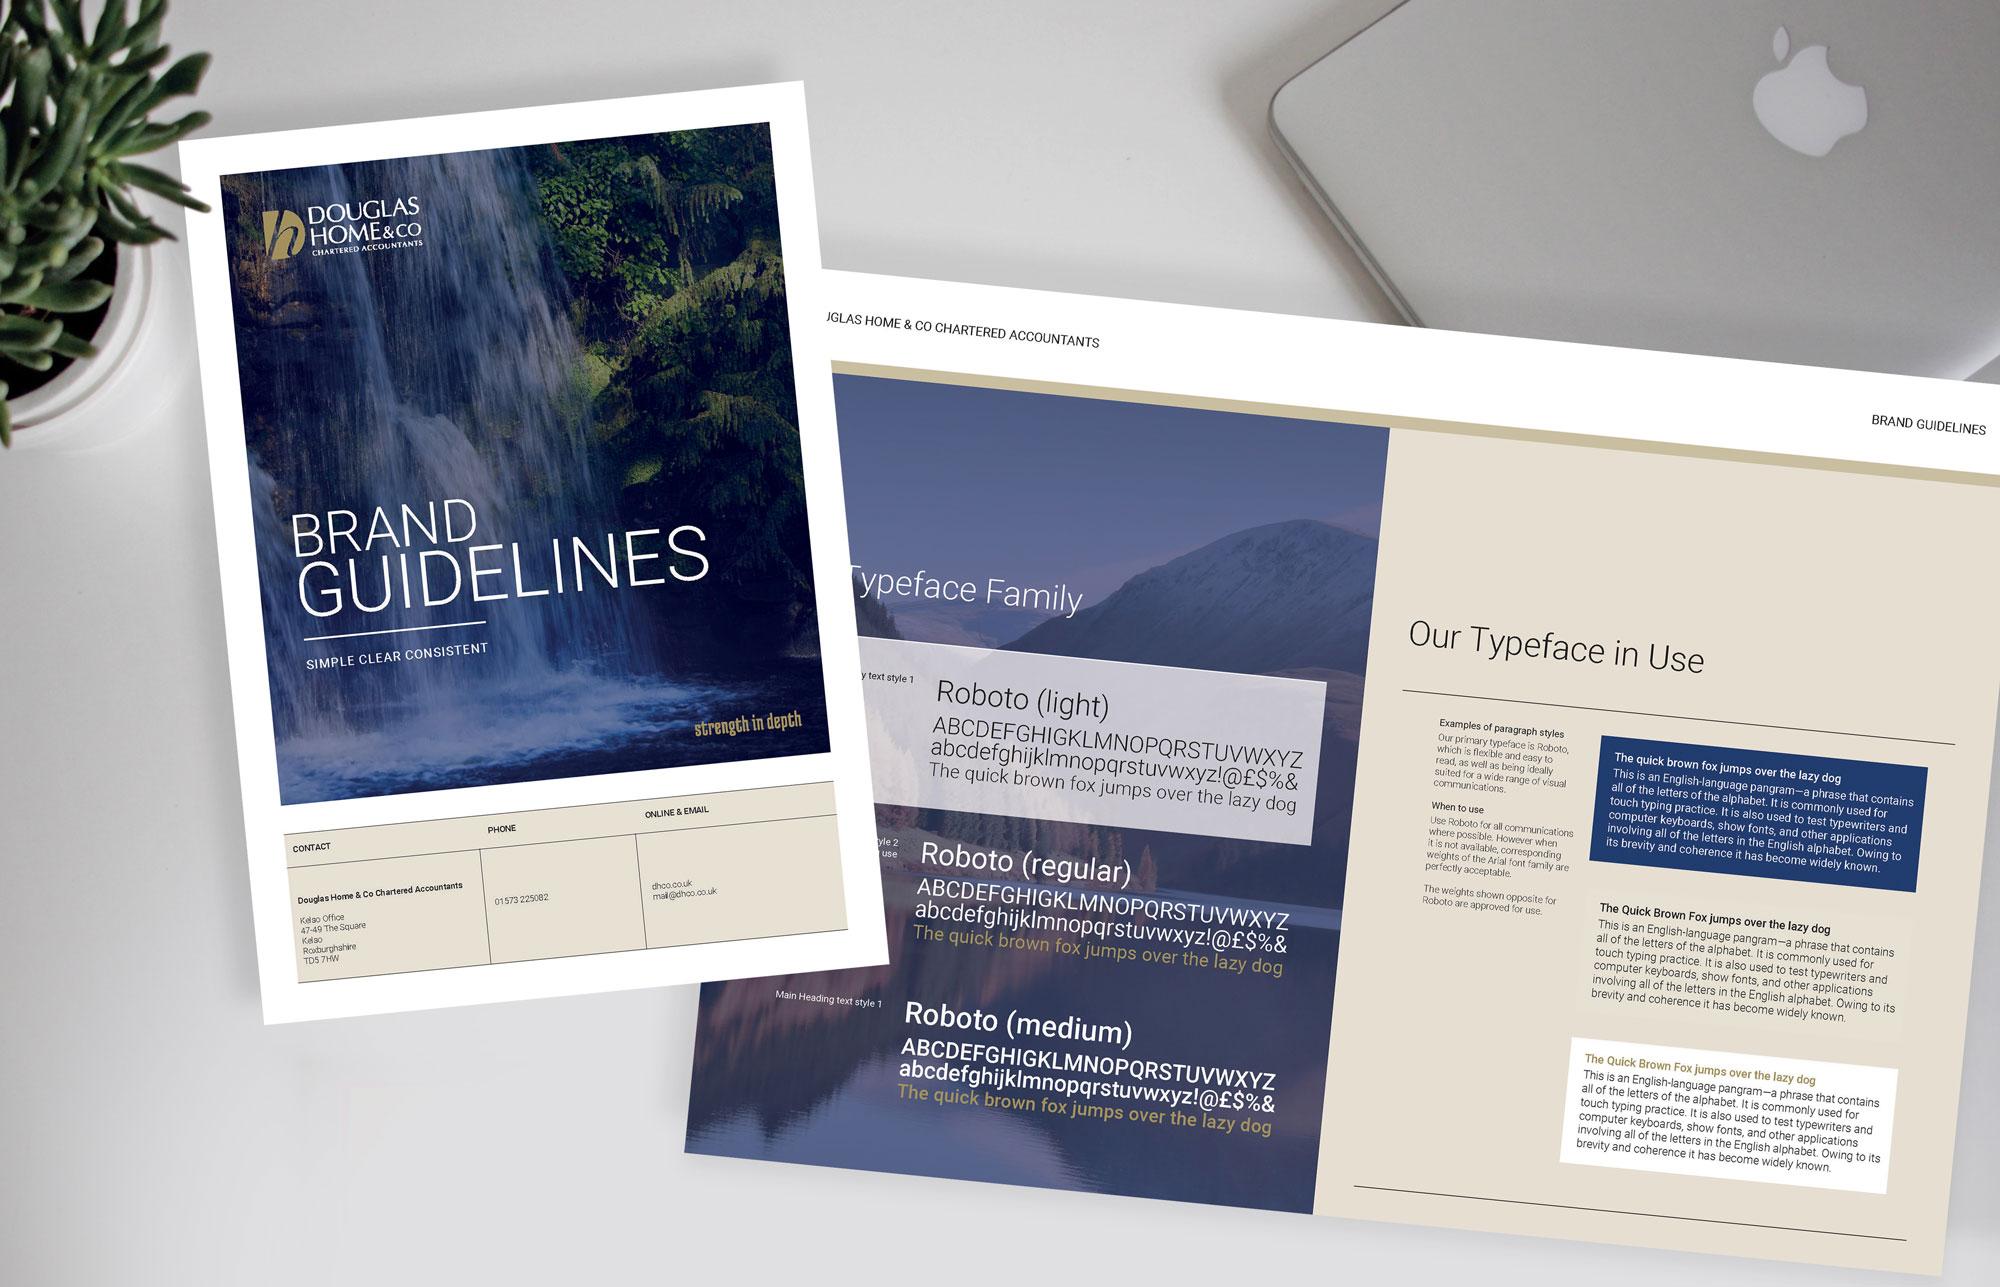 John Hamlin Douglas Home & Co Brand Guidelines